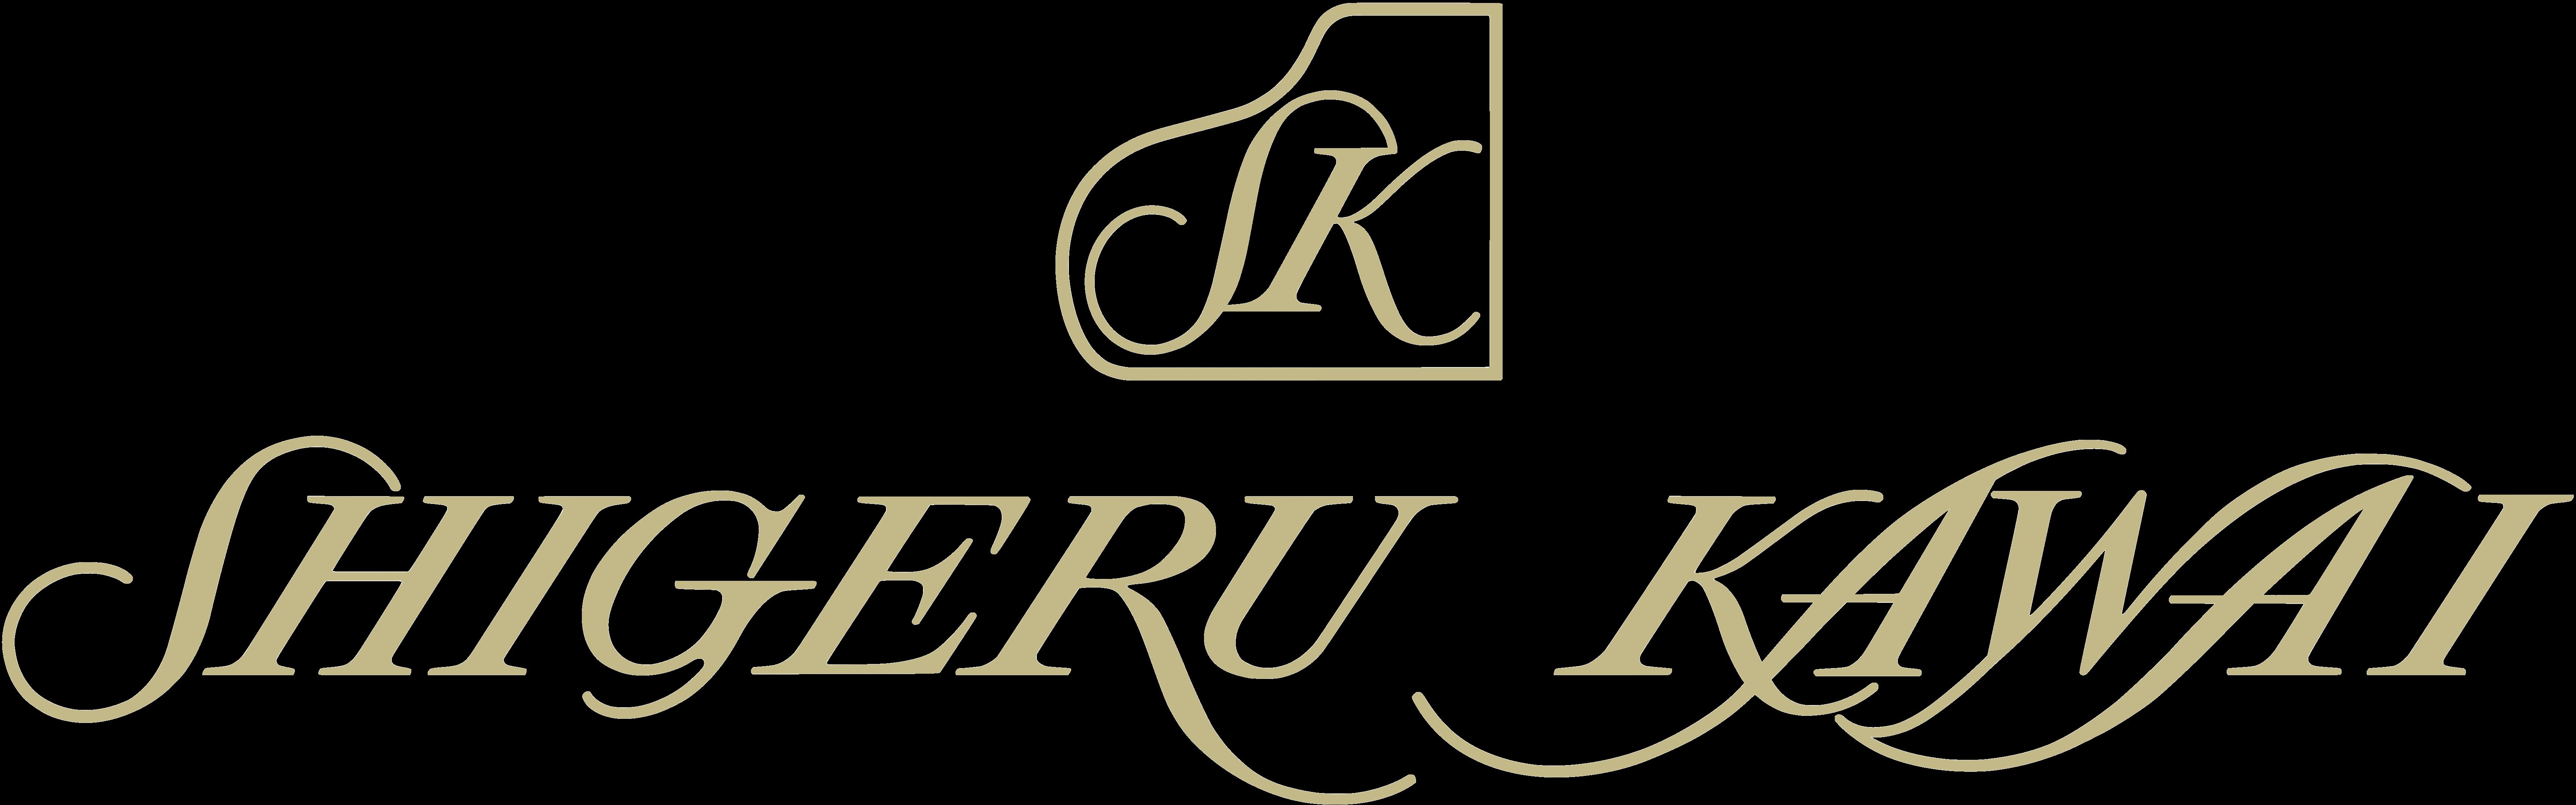 Shigeru Kawai Logo